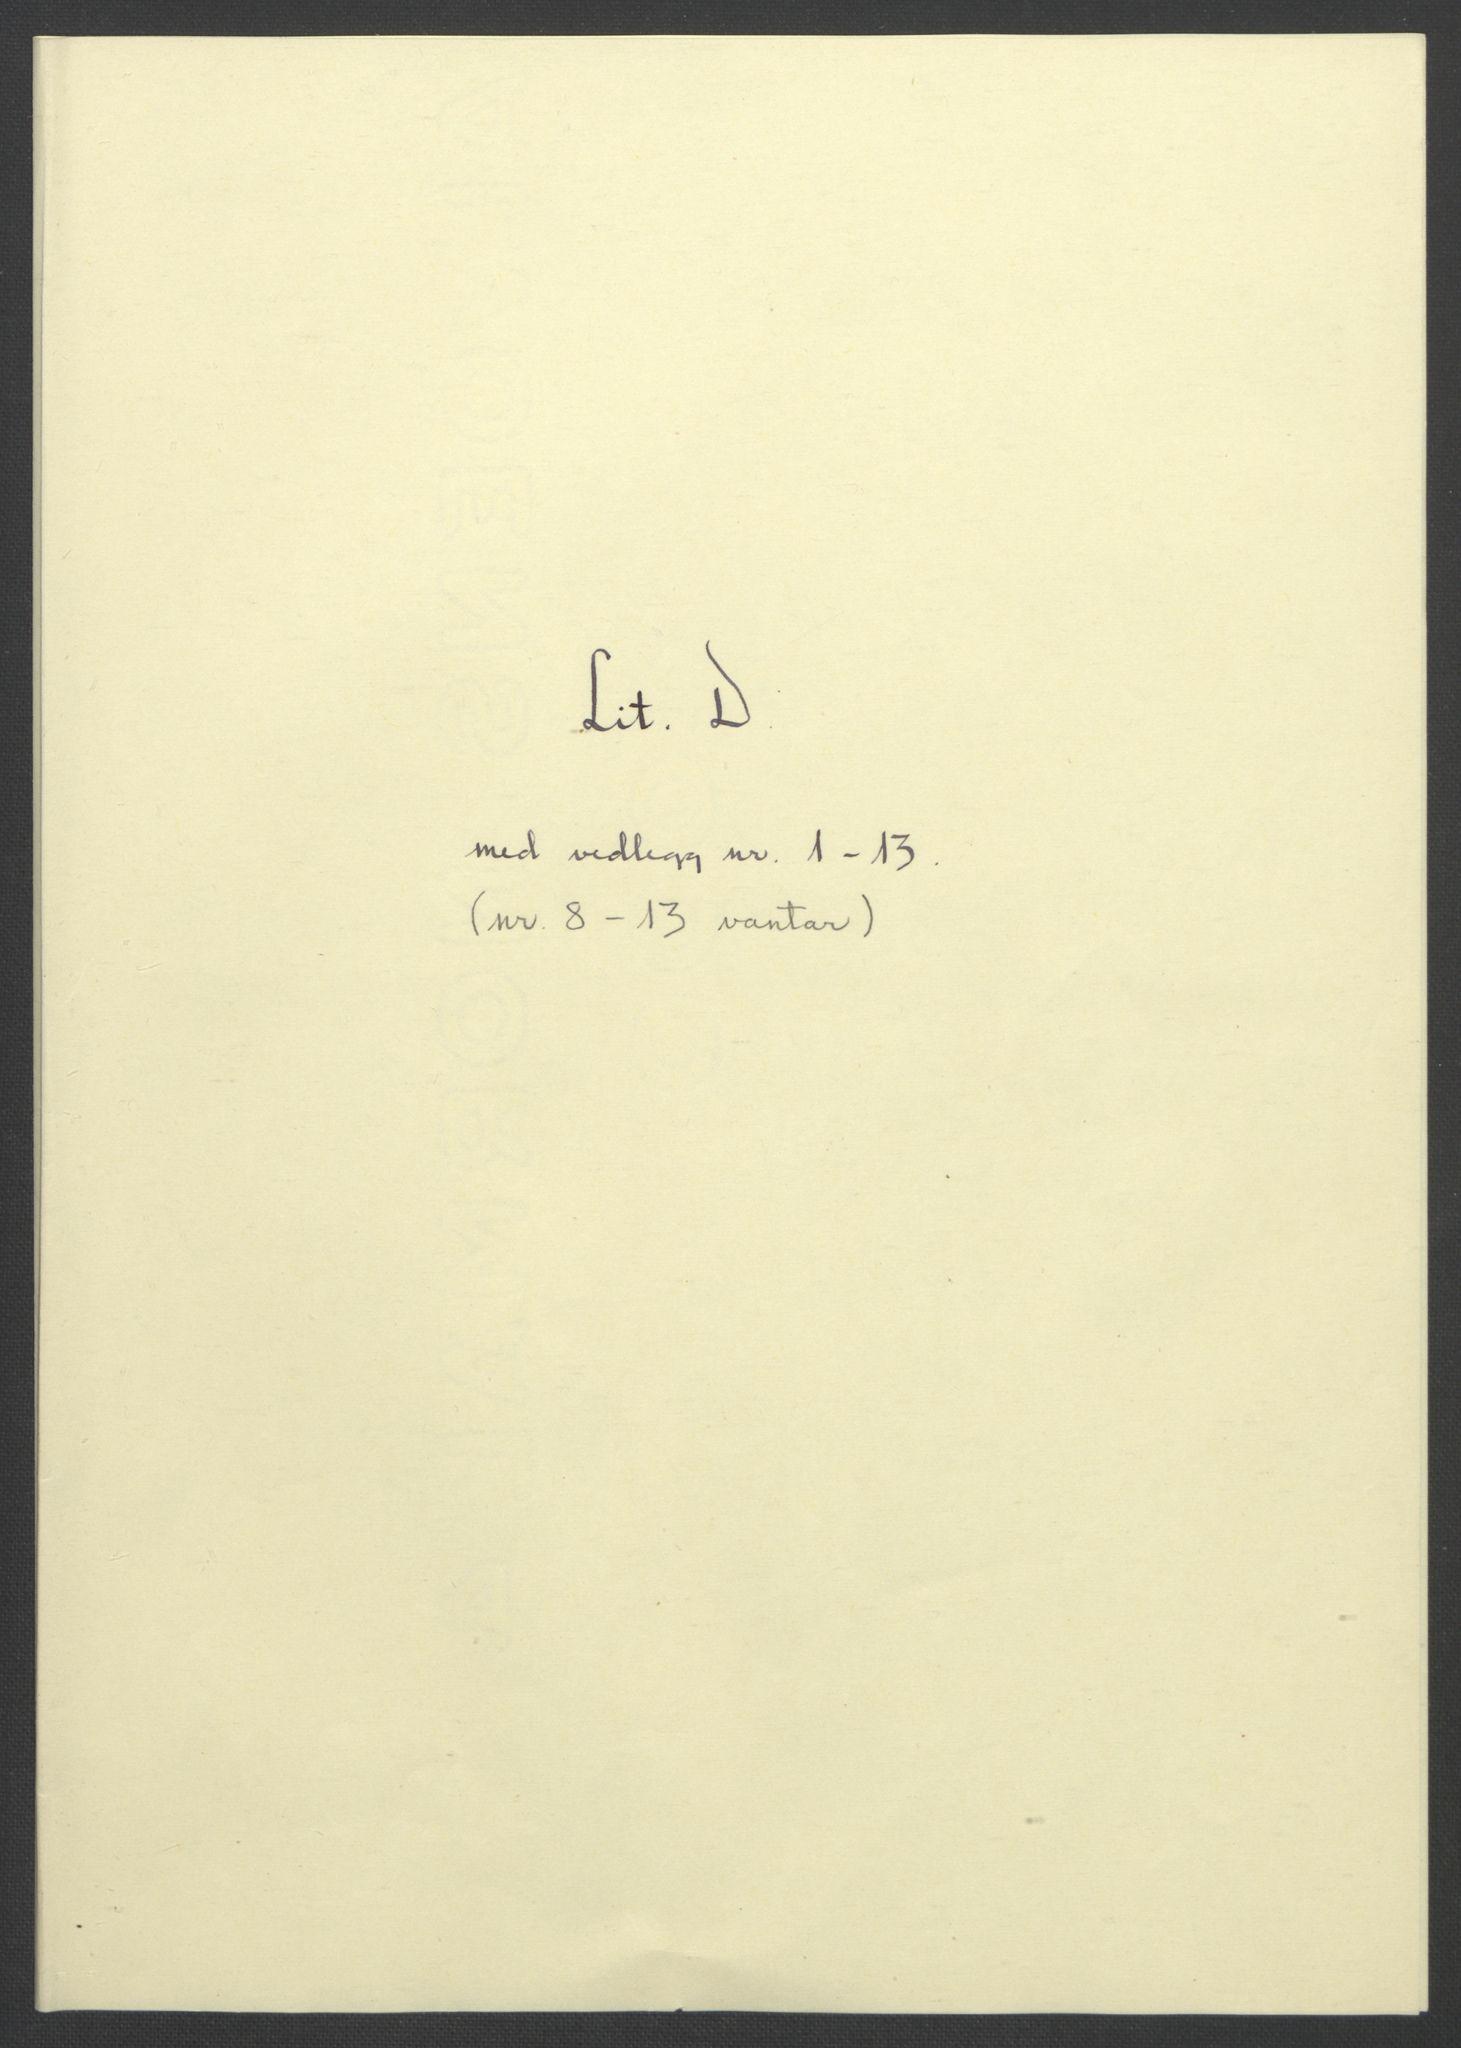 RA, Rentekammeret inntil 1814, Reviderte regnskaper, Fogderegnskap, R53/L3422: Fogderegnskap Sunn- og Nordfjord, 1695-1696, s. 279